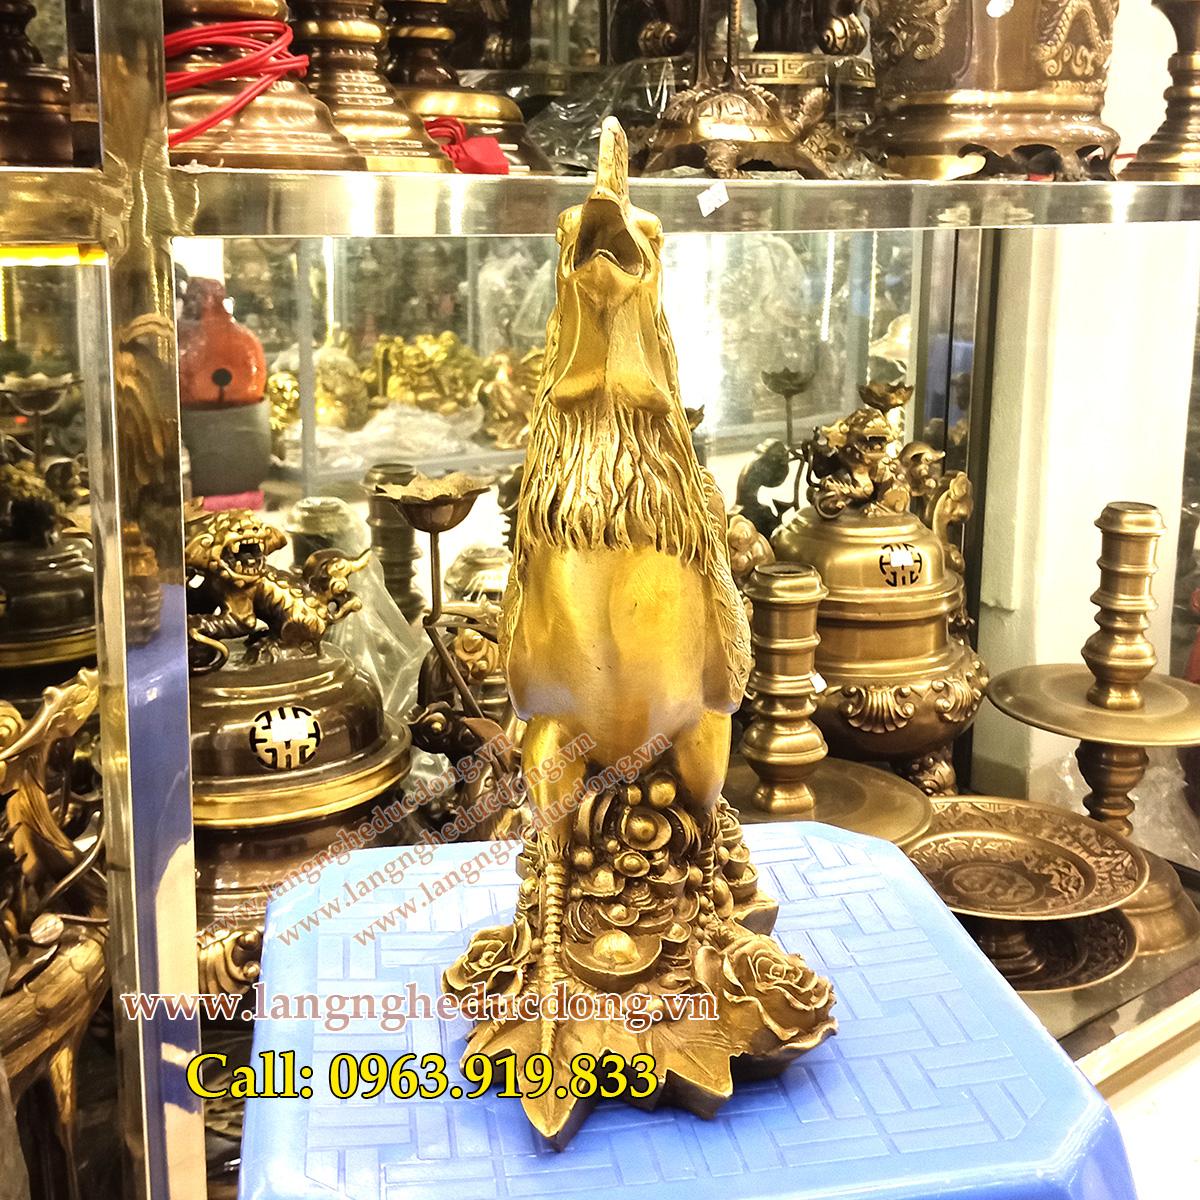 langngheducdong.vn - tượng đồng, đồ phong thủy, gà bằng đồng, gà hoa hồng 30cm